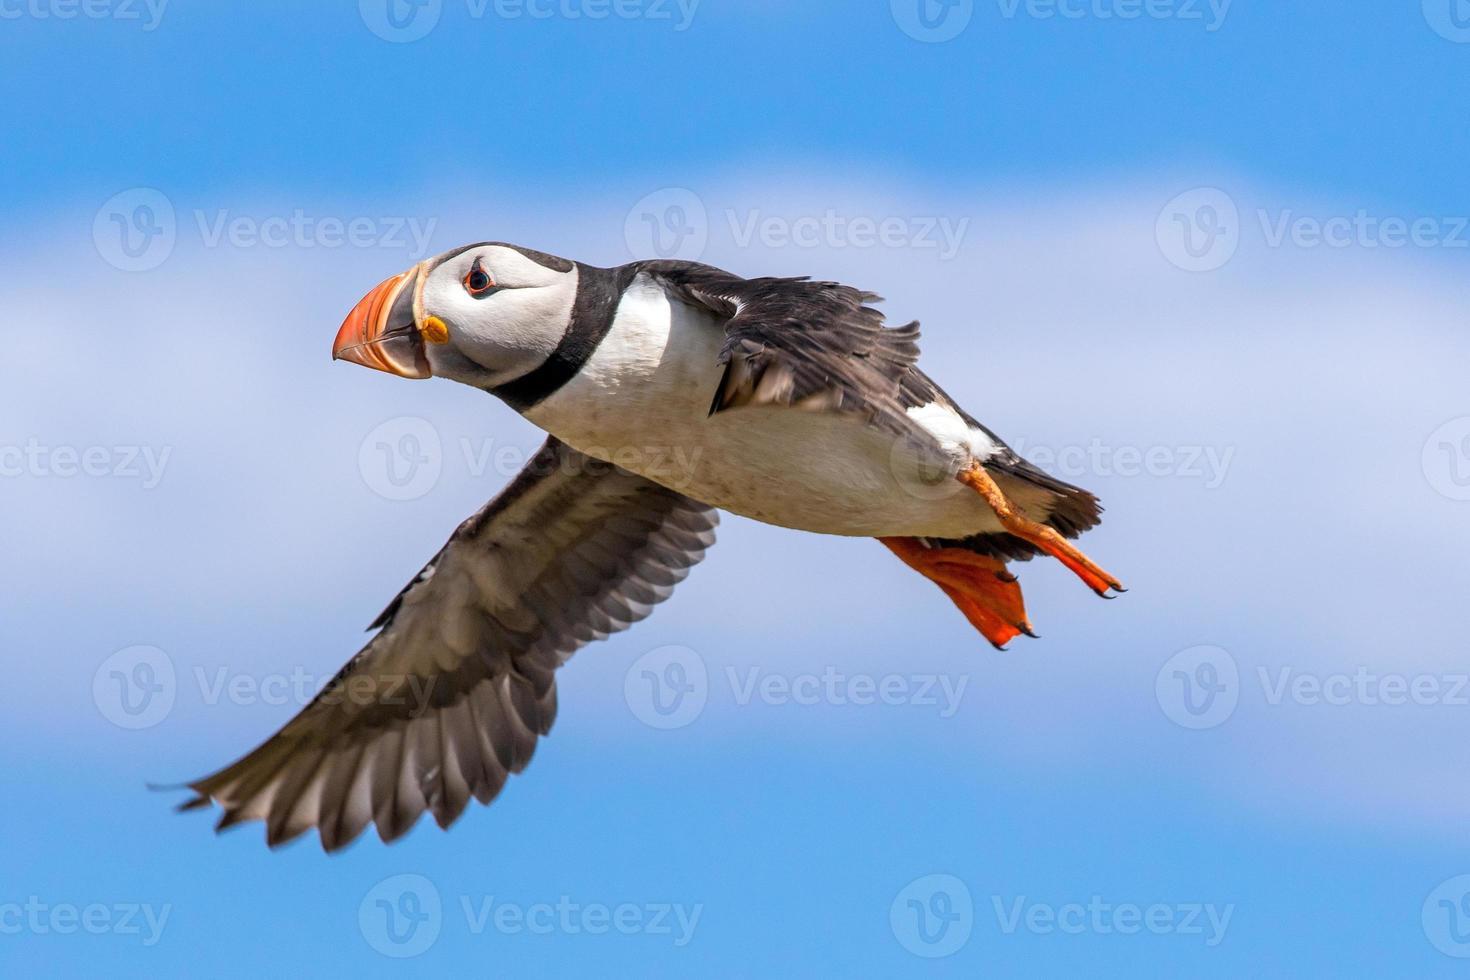 papagaio-do-mar atlântico em voo foto